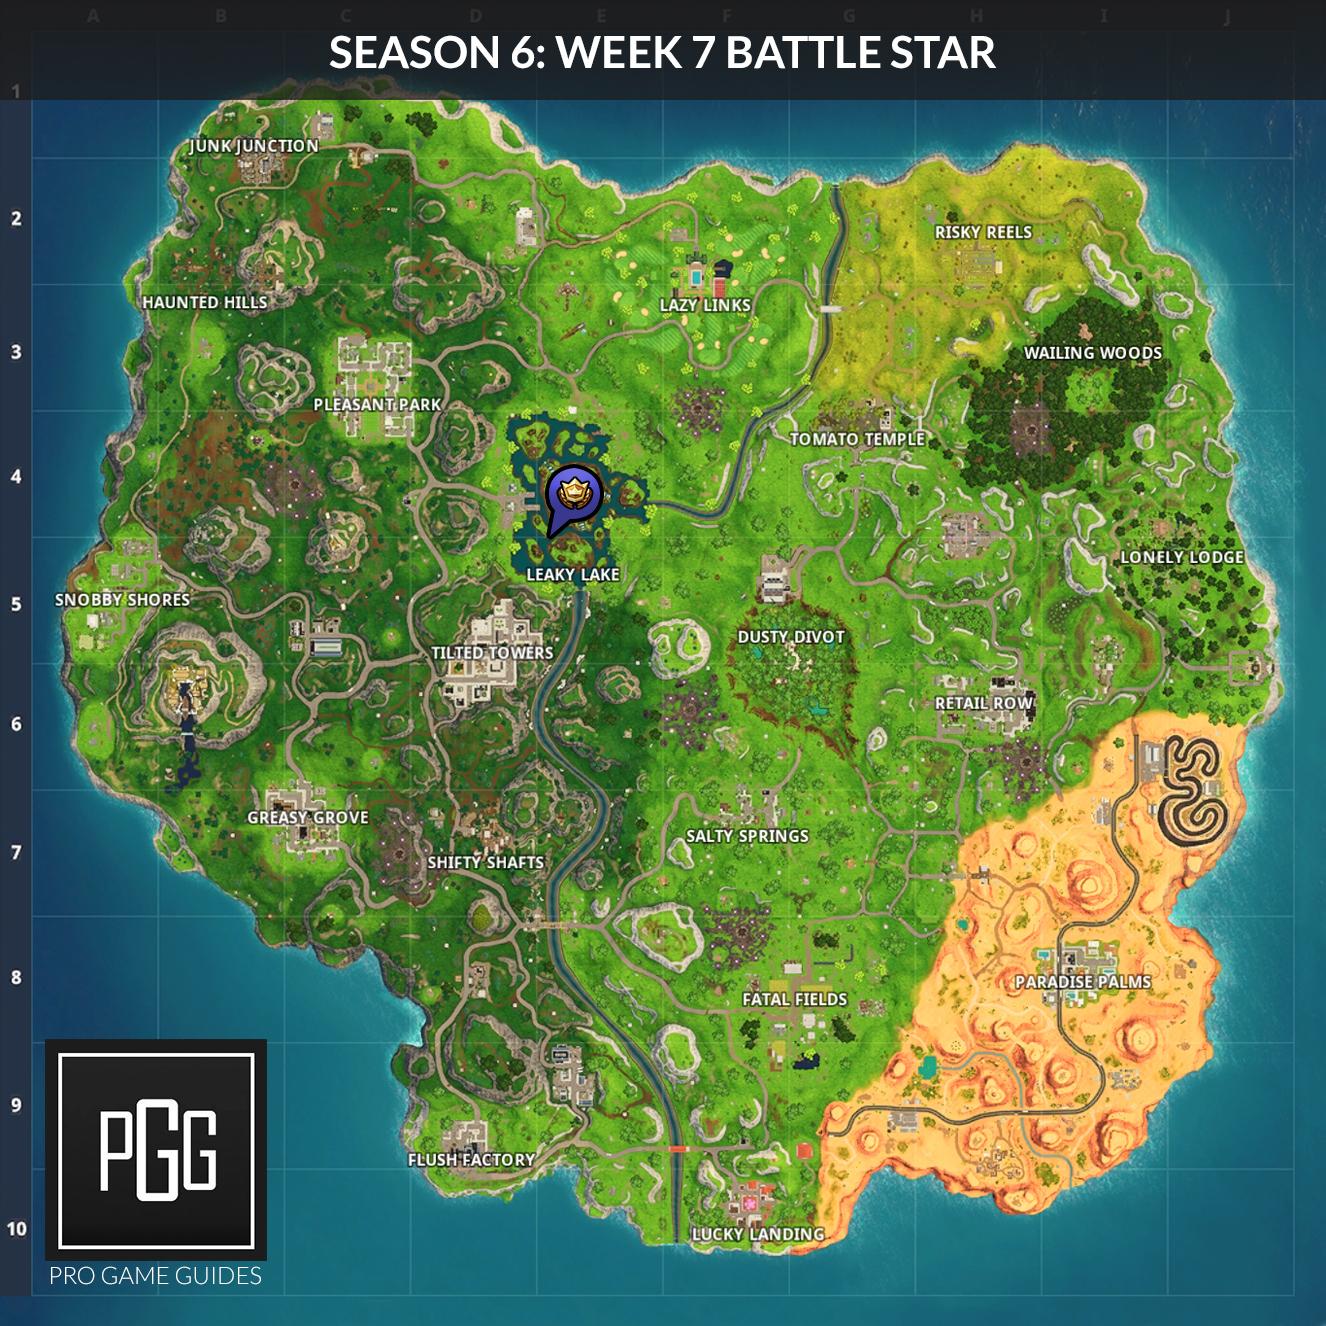 week 7 secret battle star